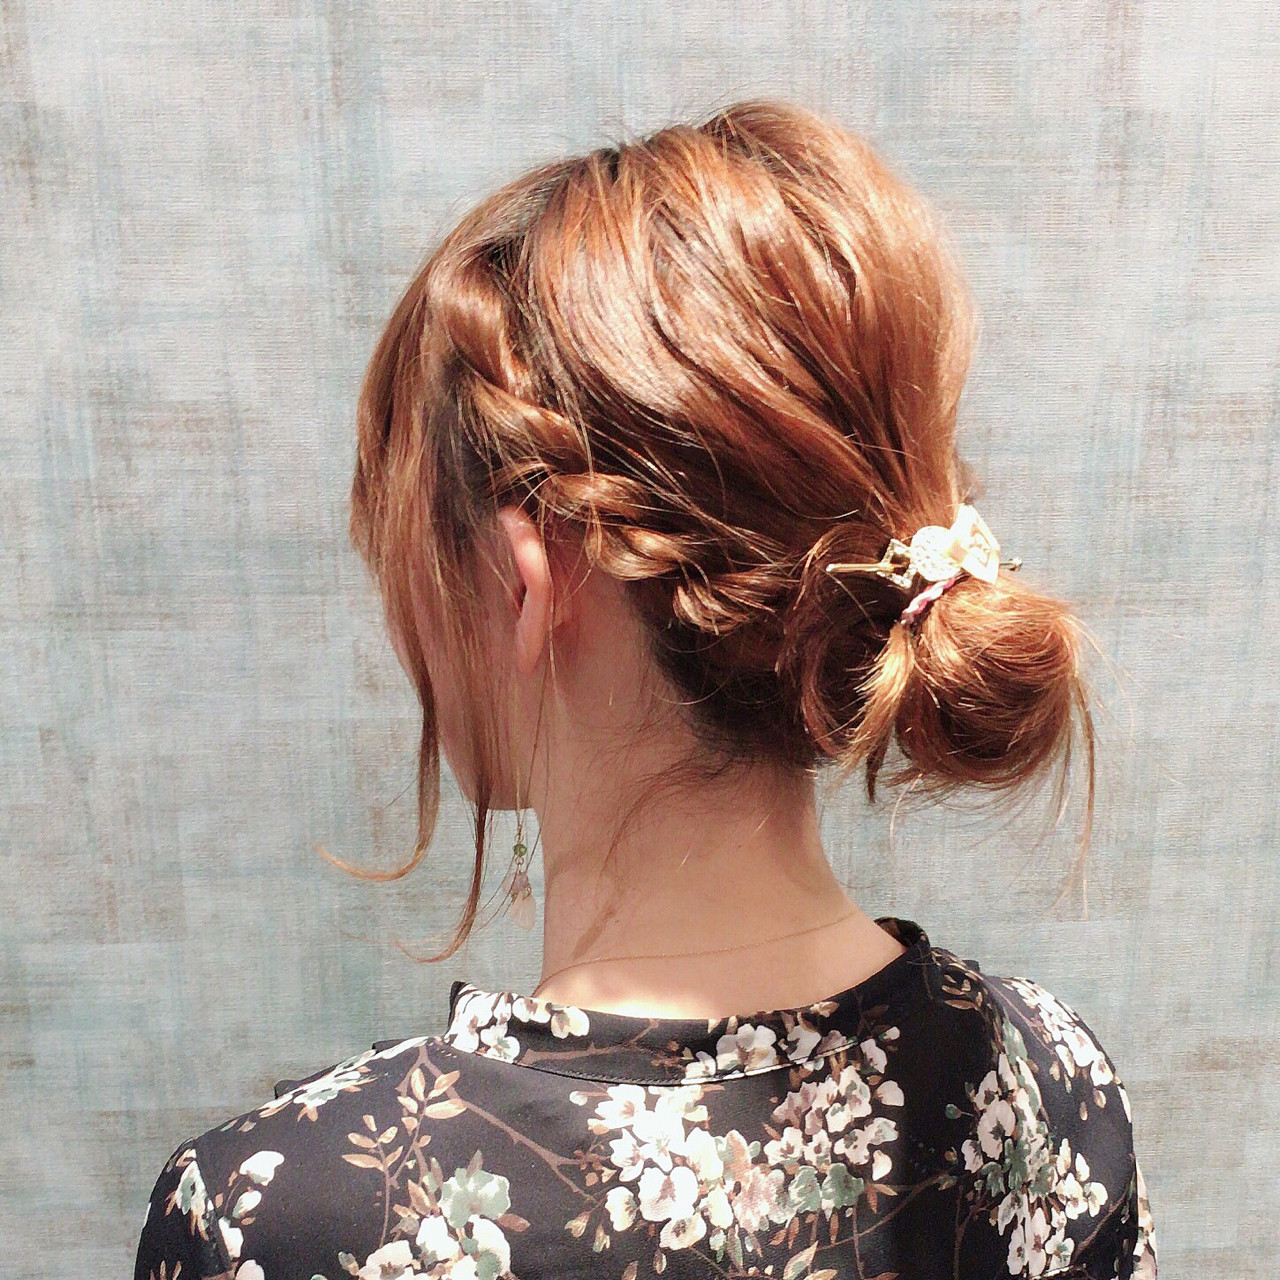 大人女子 簡単ヘアアレンジ ツイスト フェミニン ヘアスタイルや髪型の写真・画像